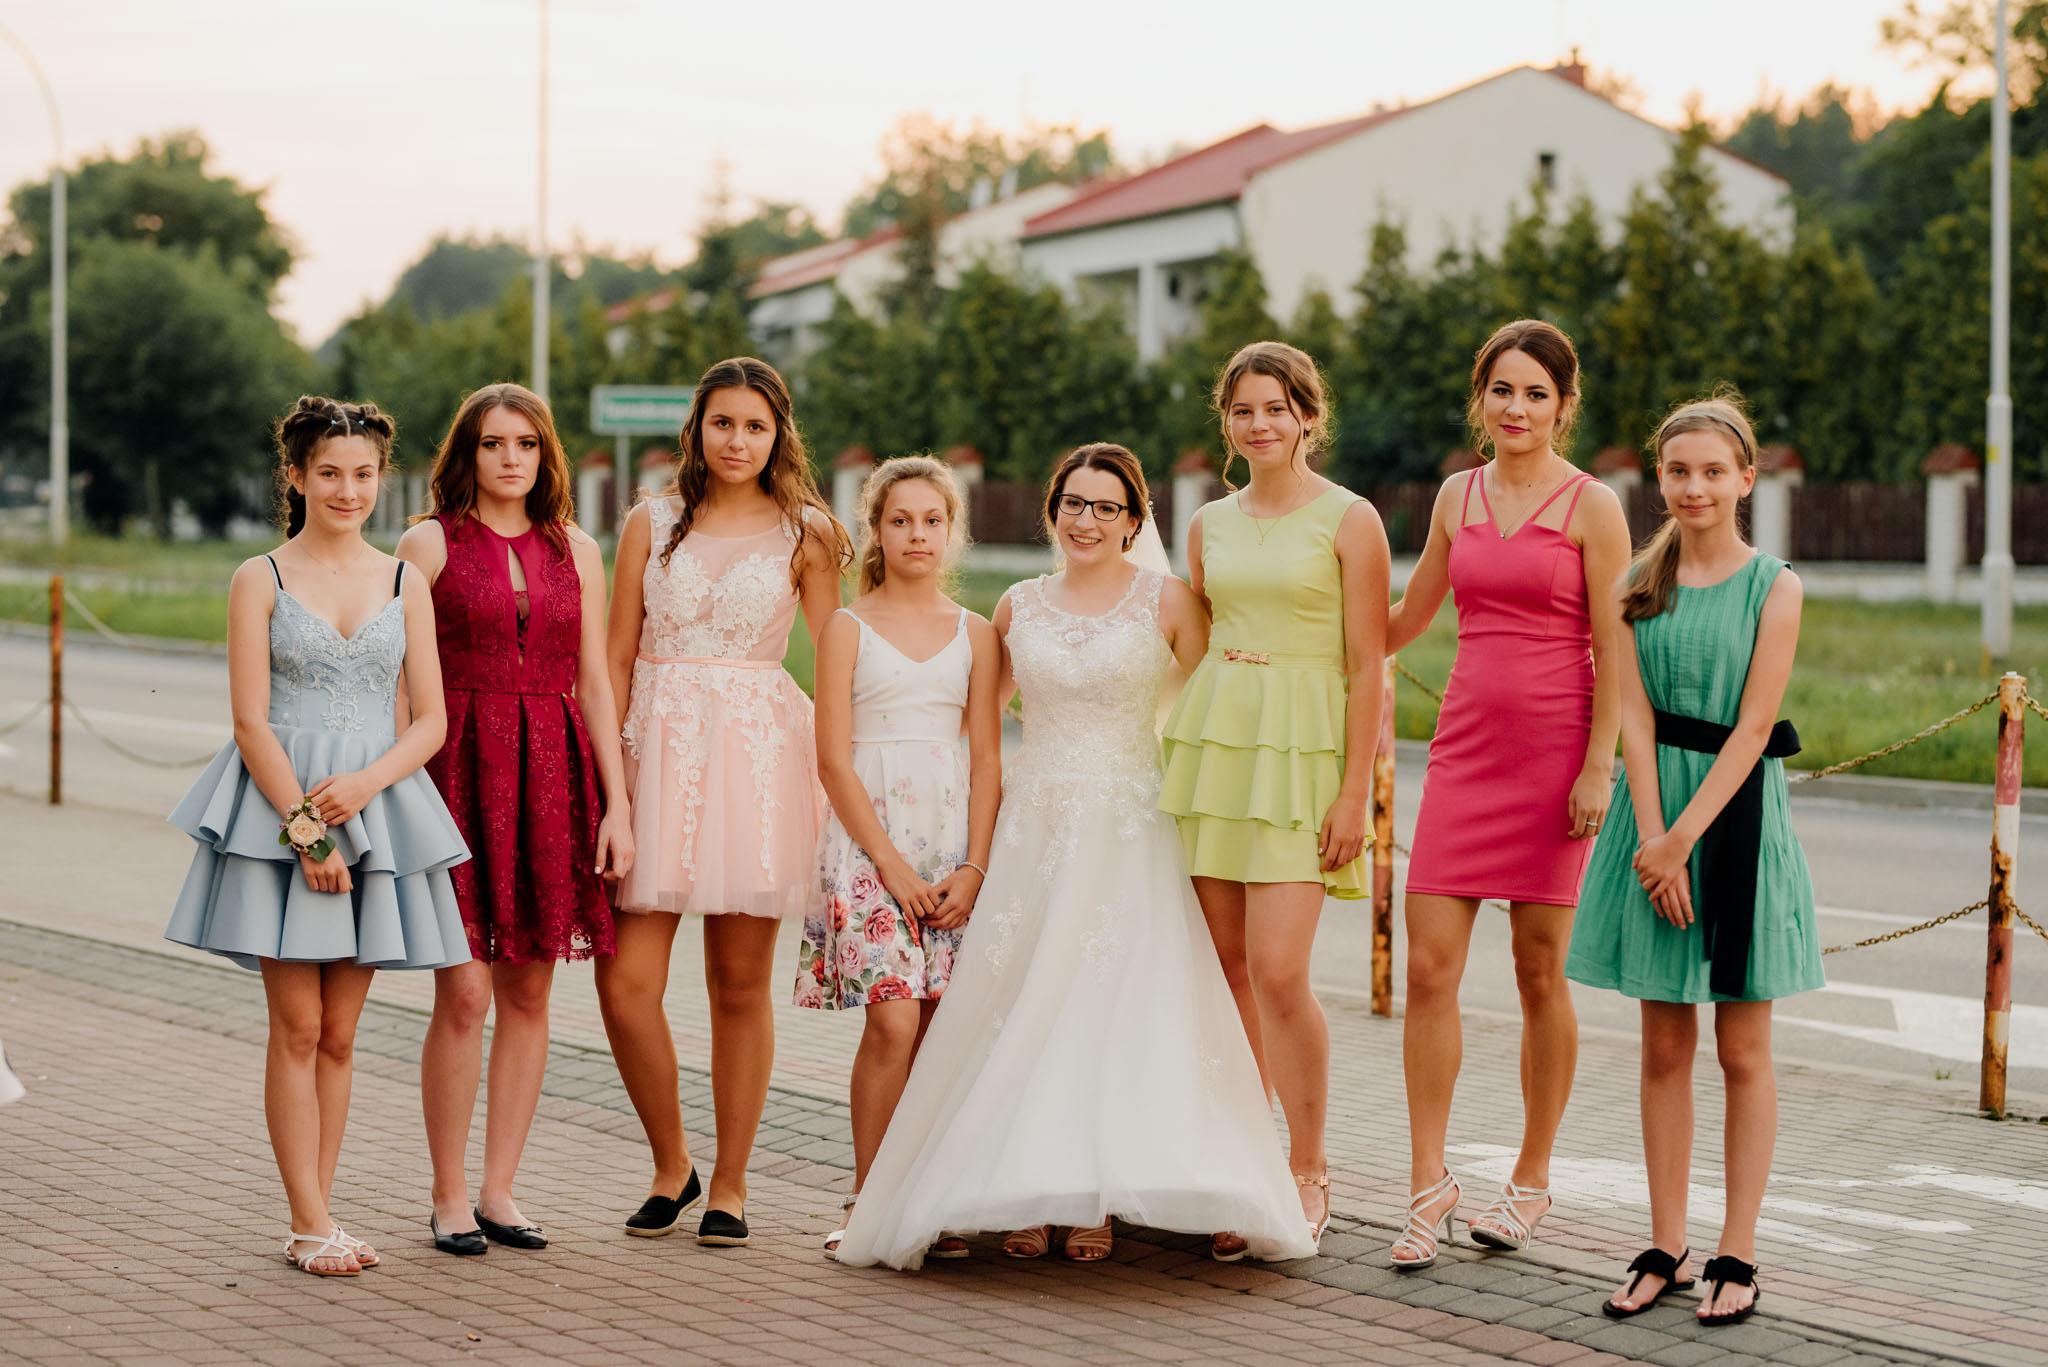 zdjęcia grupowe, fotograf stalowa wola